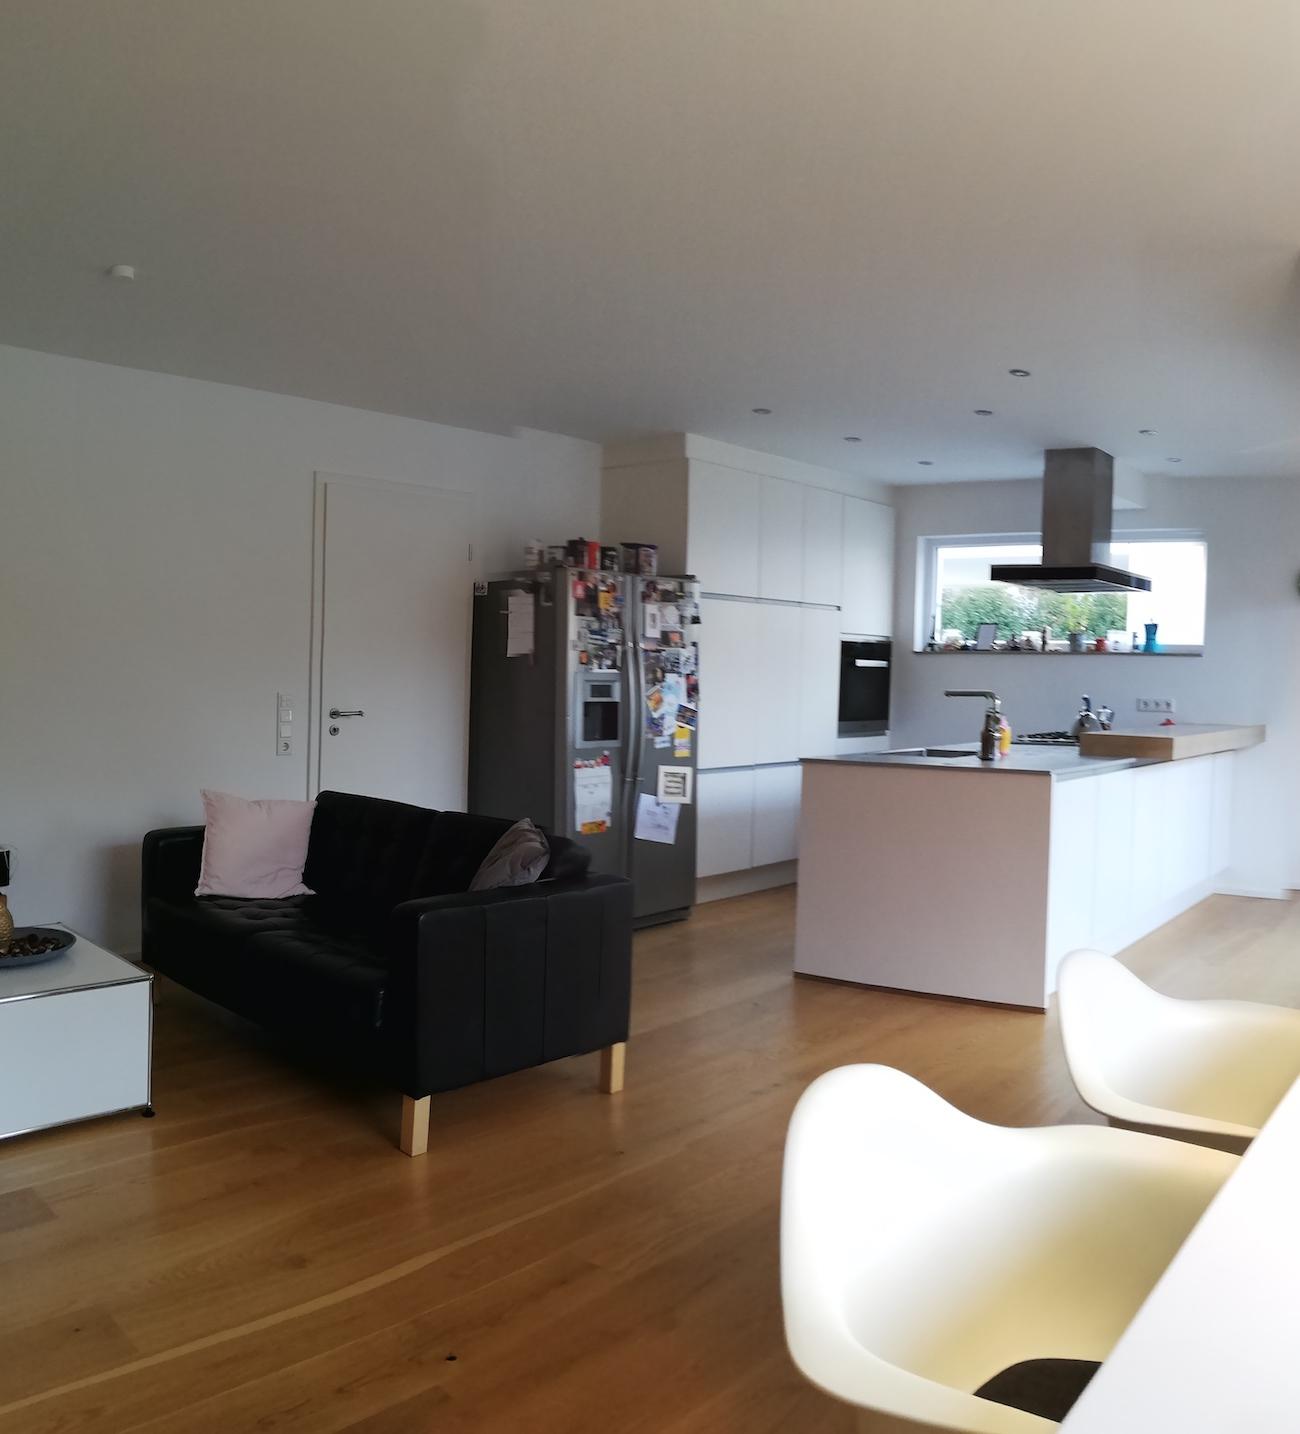 Vor der Einrichtungsberatung durch Malchow Interior Design wirkte der Wohnbereich des Neubaus wenig wohnlich.